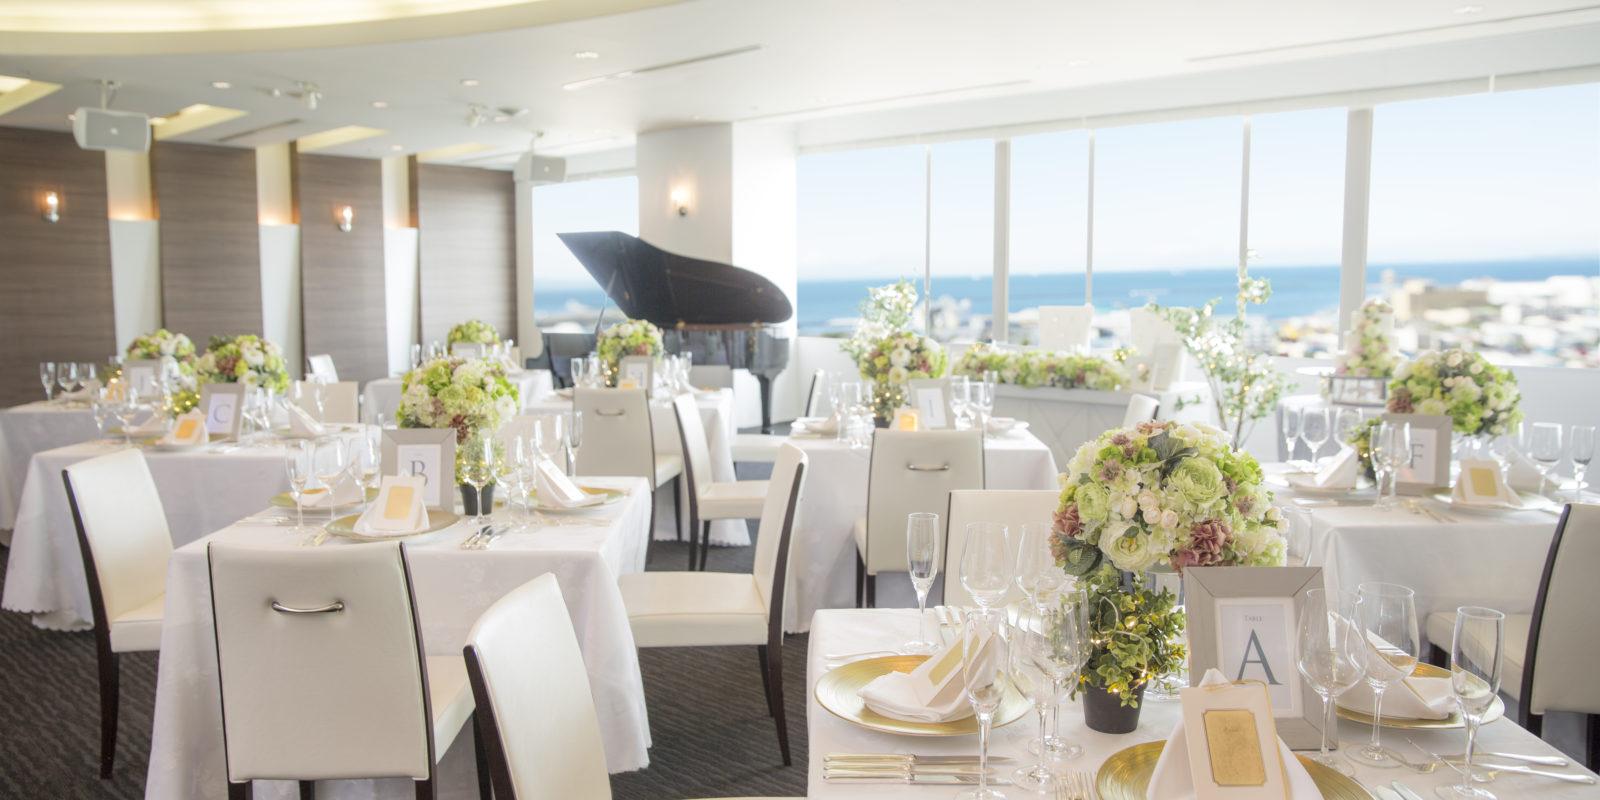 青森の結婚式 ホテルウエディング | ホテル青森(ウエディング公式サイト)